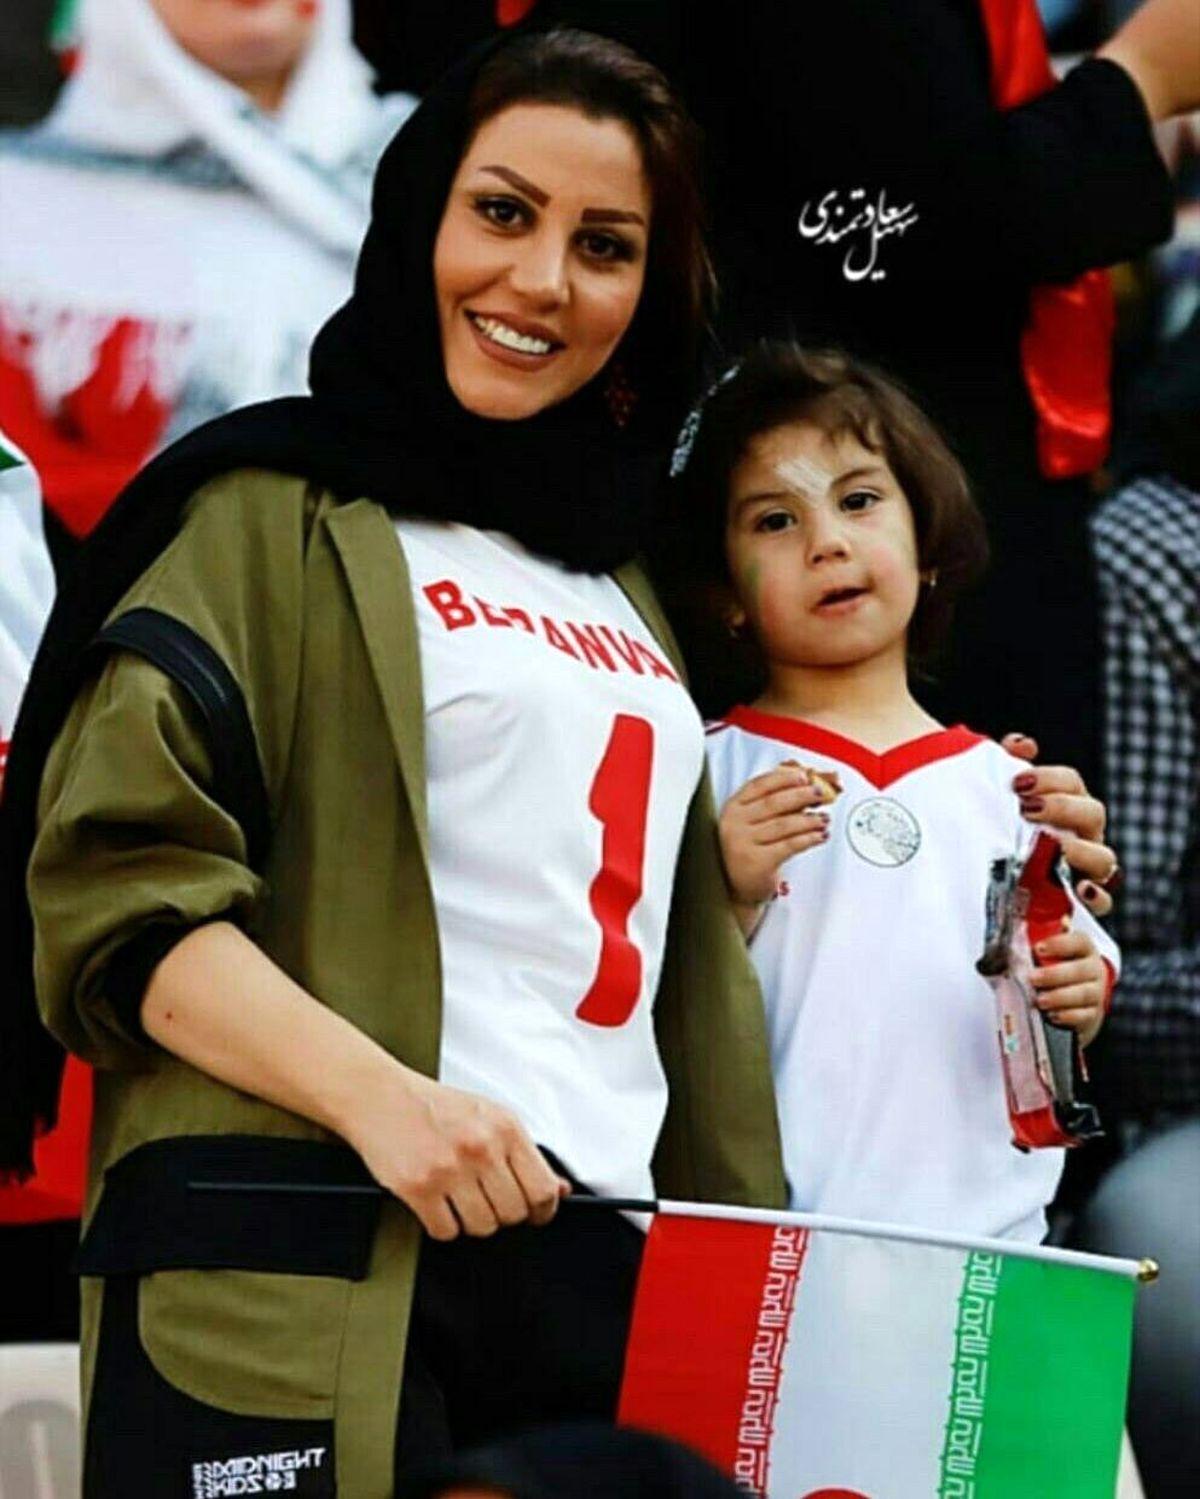 لباس کوتاه همسر علیرضا بیرانوند + عکس